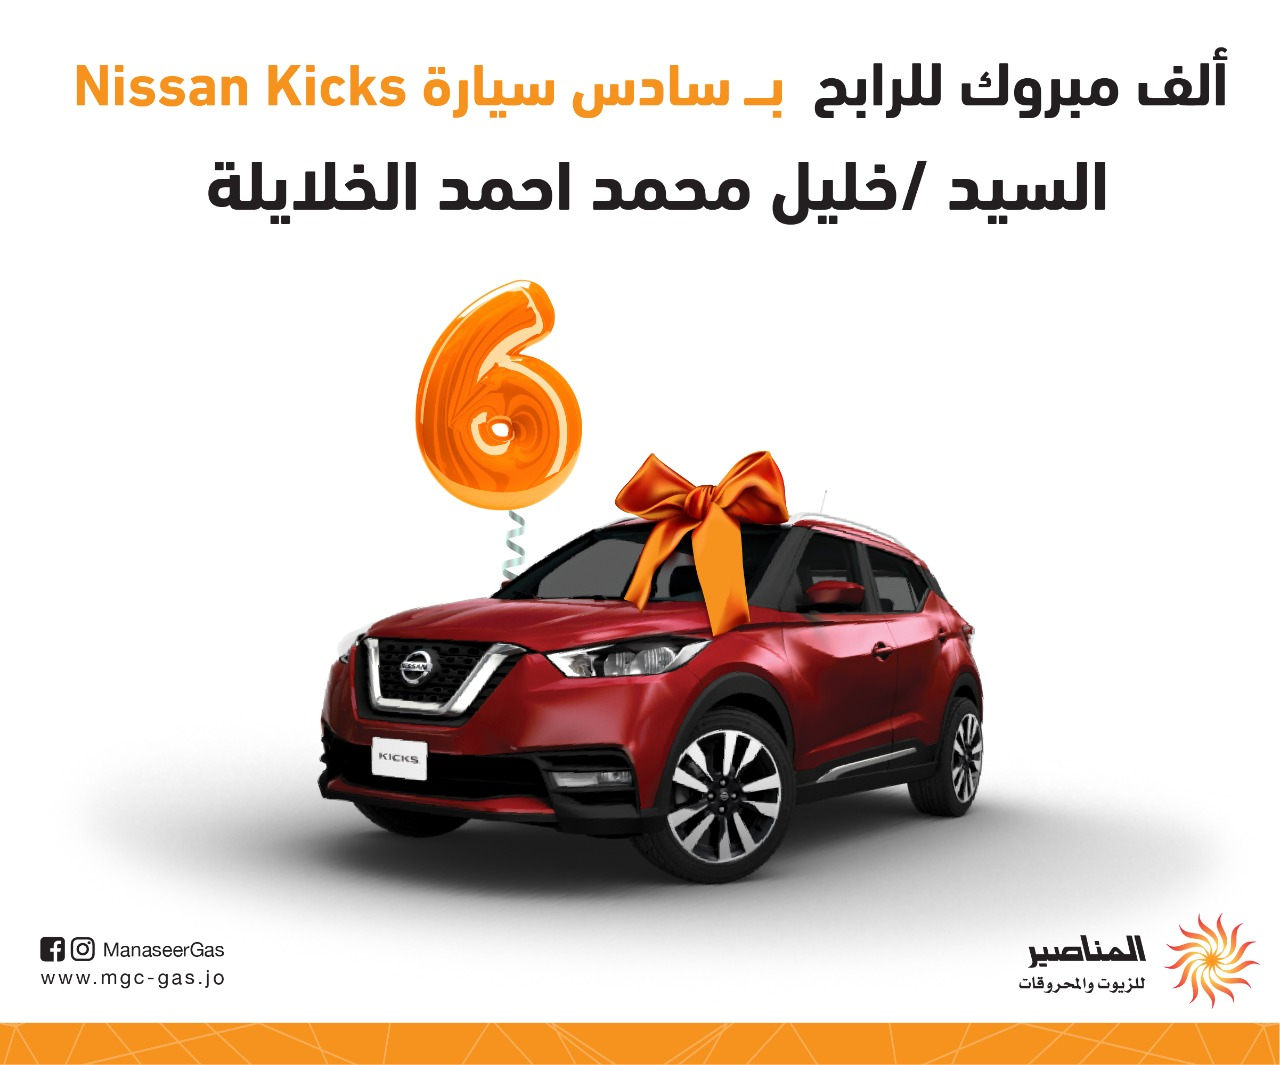 ألف مبروك للرابح السادس السيد خليل محمد أحمد الخلايلة  بسيارة Nissan Kicks  مجمركة ومرخصة.